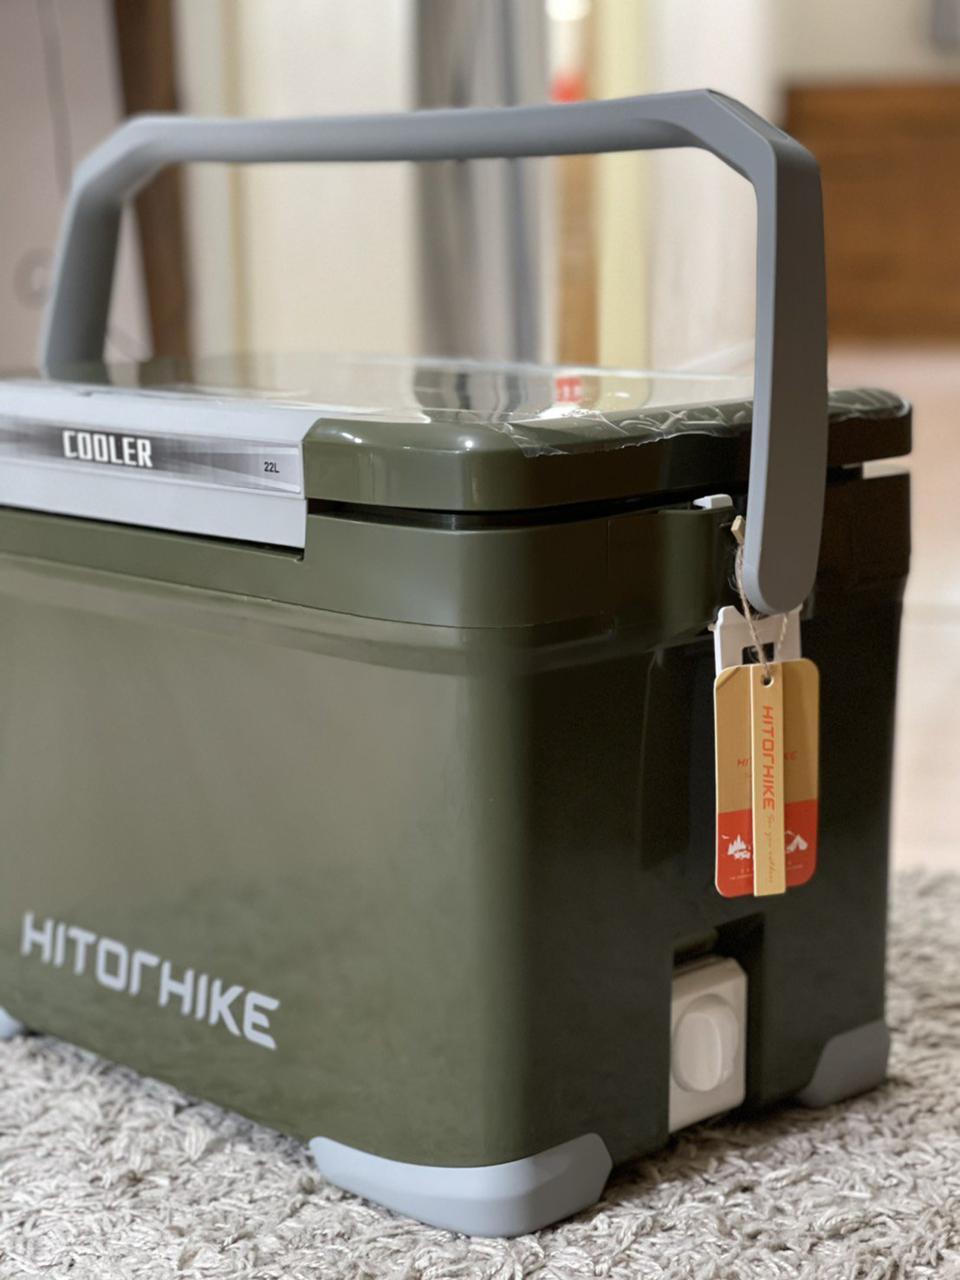 กระติกถังน้ำเก็บความเย็นถังแช่เครื่องดื่มน้ำเย็น22ลิตรเก็บความเย็นได้48ชม.ฝาเปิดได้2ทางมีจุกปล่อยน้ำด้านข้างhitorhike รูปที่ 5